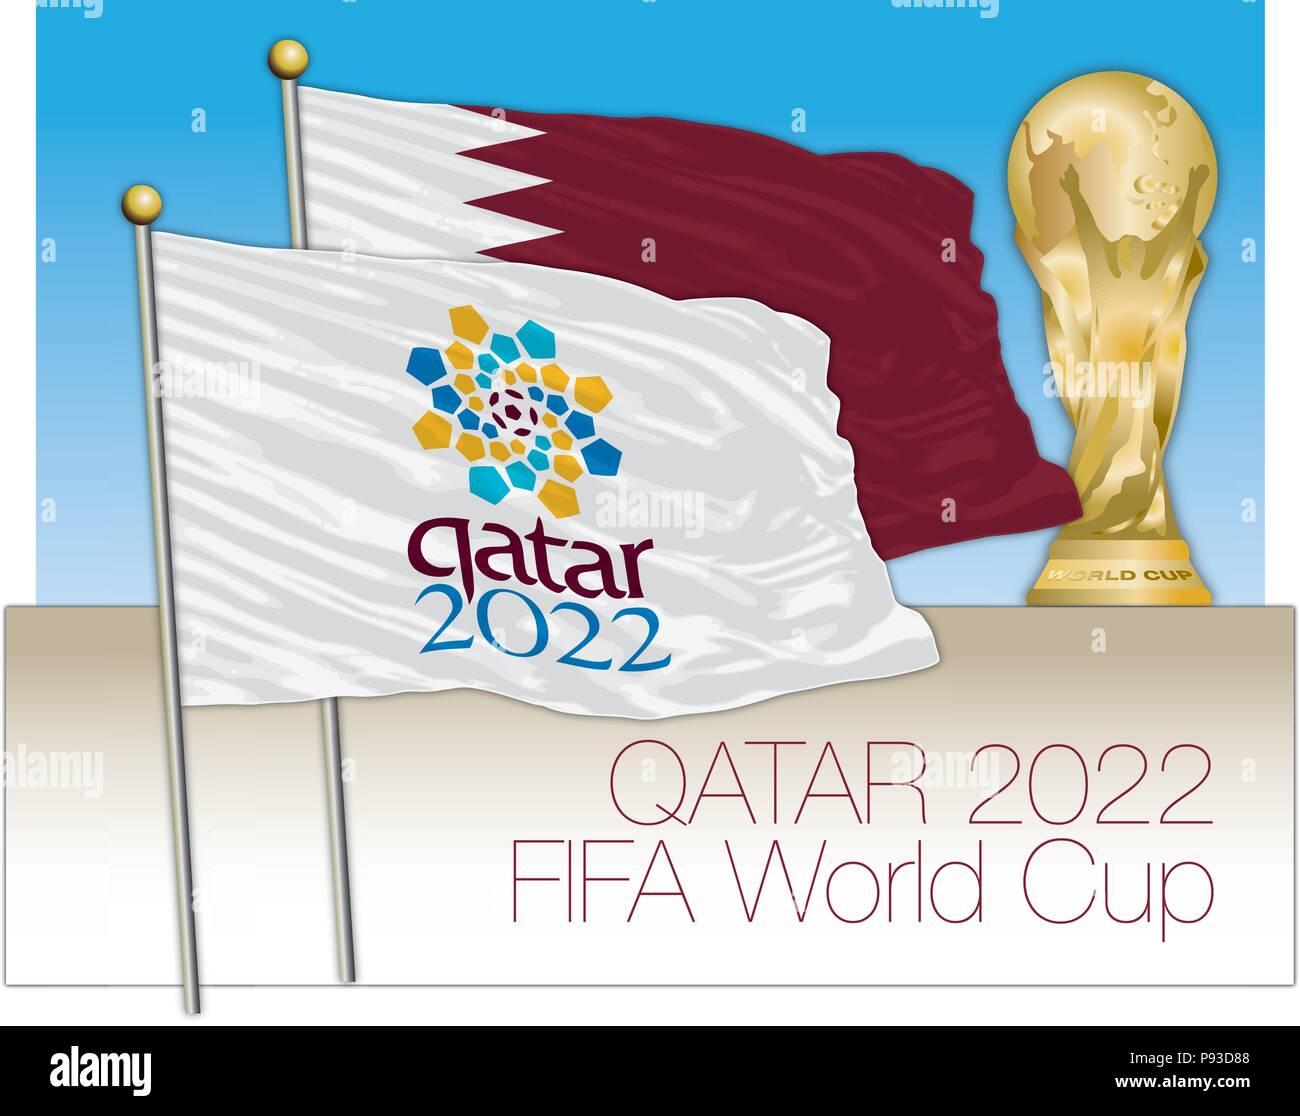 Qatar 2022 Coupe du monde de football et les symboles du drapeau Image  Vectorielle Stock - Alamy